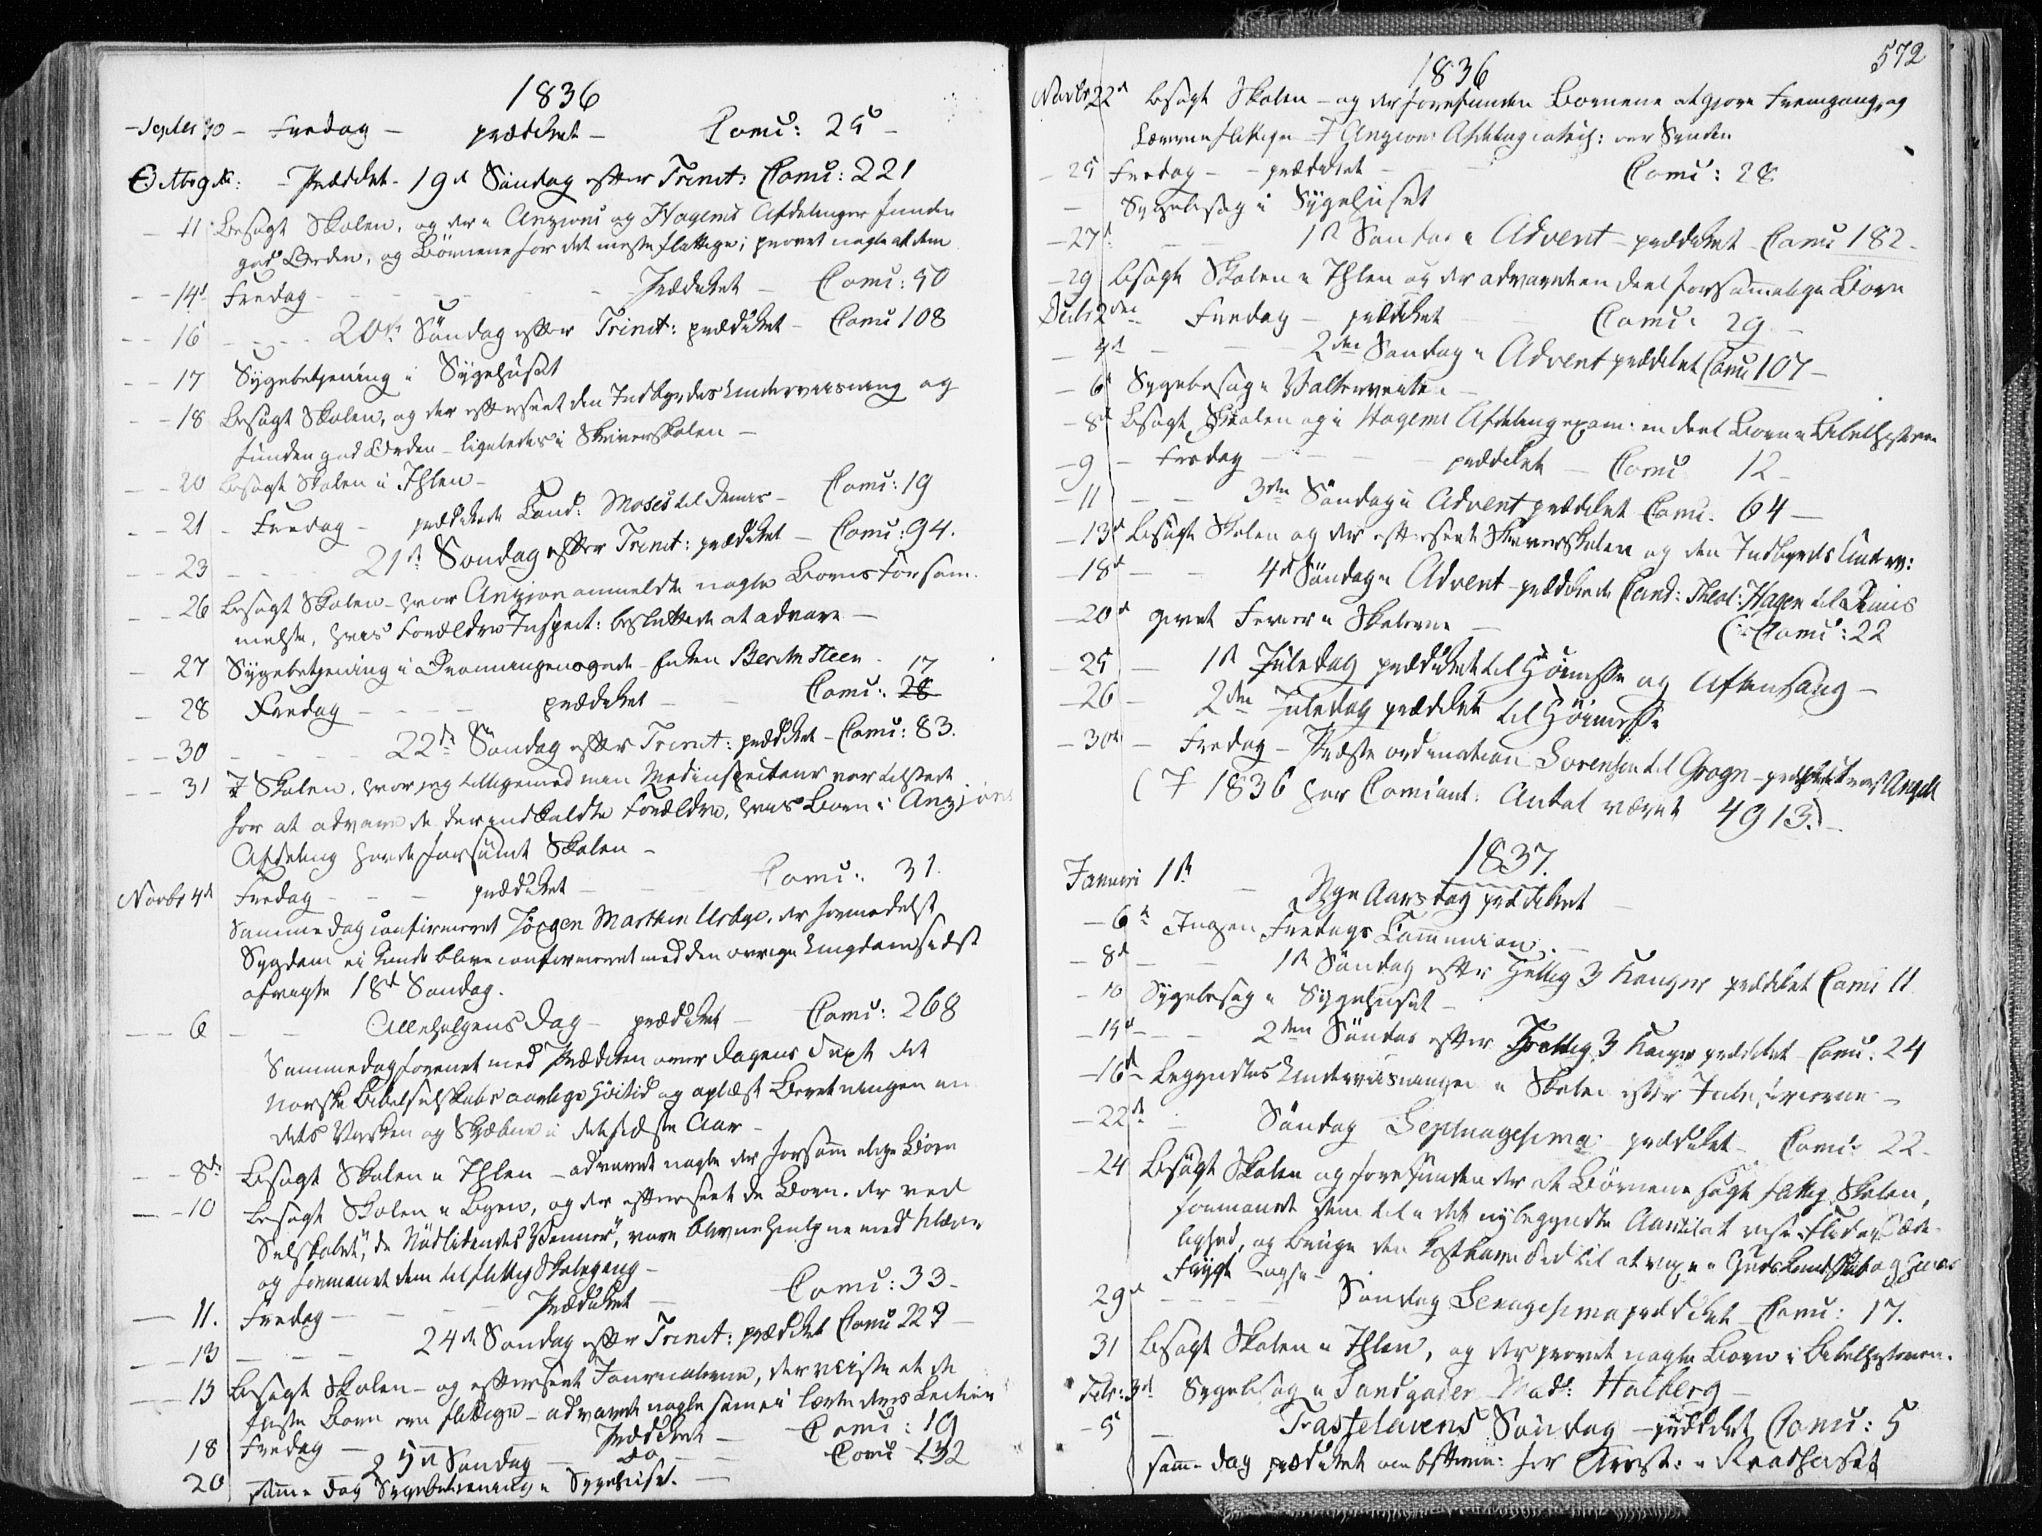 SAT, Ministerialprotokoller, klokkerbøker og fødselsregistre - Sør-Trøndelag, 601/L0047: Ministerialbok nr. 601A15, 1831-1839, s. 572